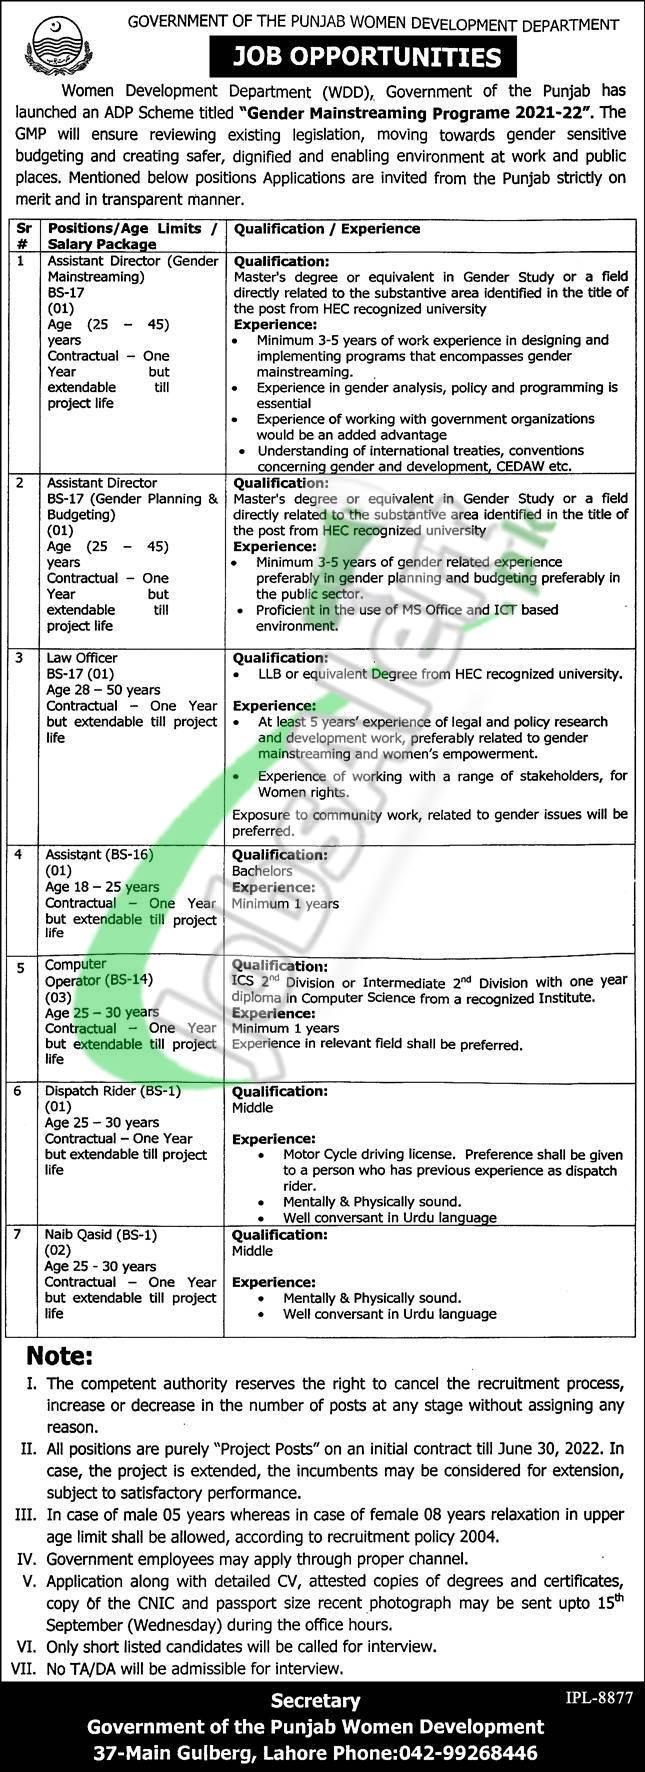 Punjab Women Development Department Jobs